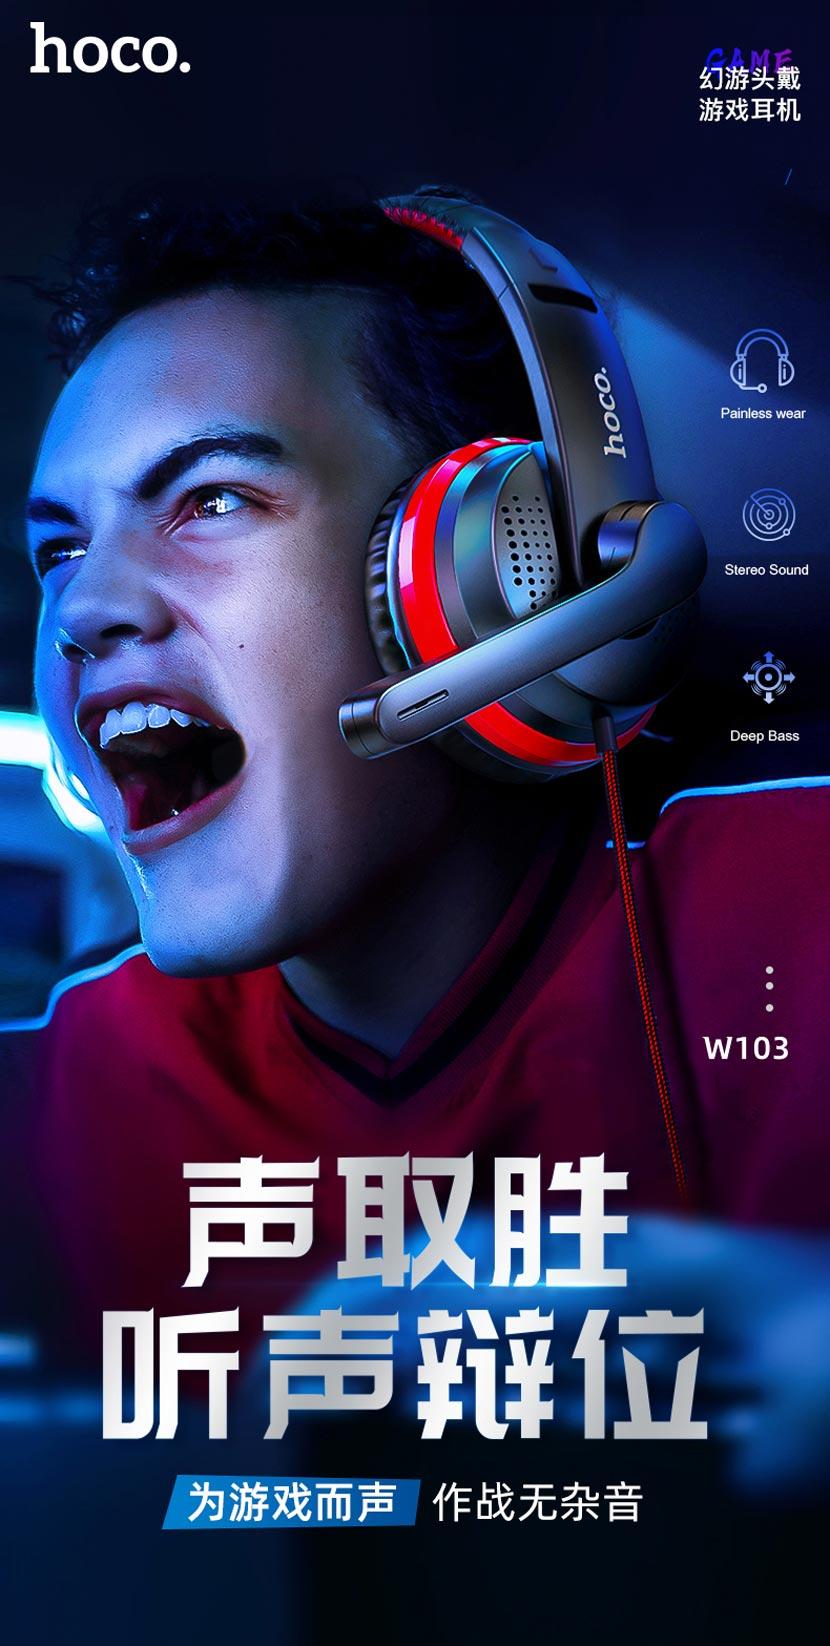 hoco news w103 magic tour gaming headphones cn